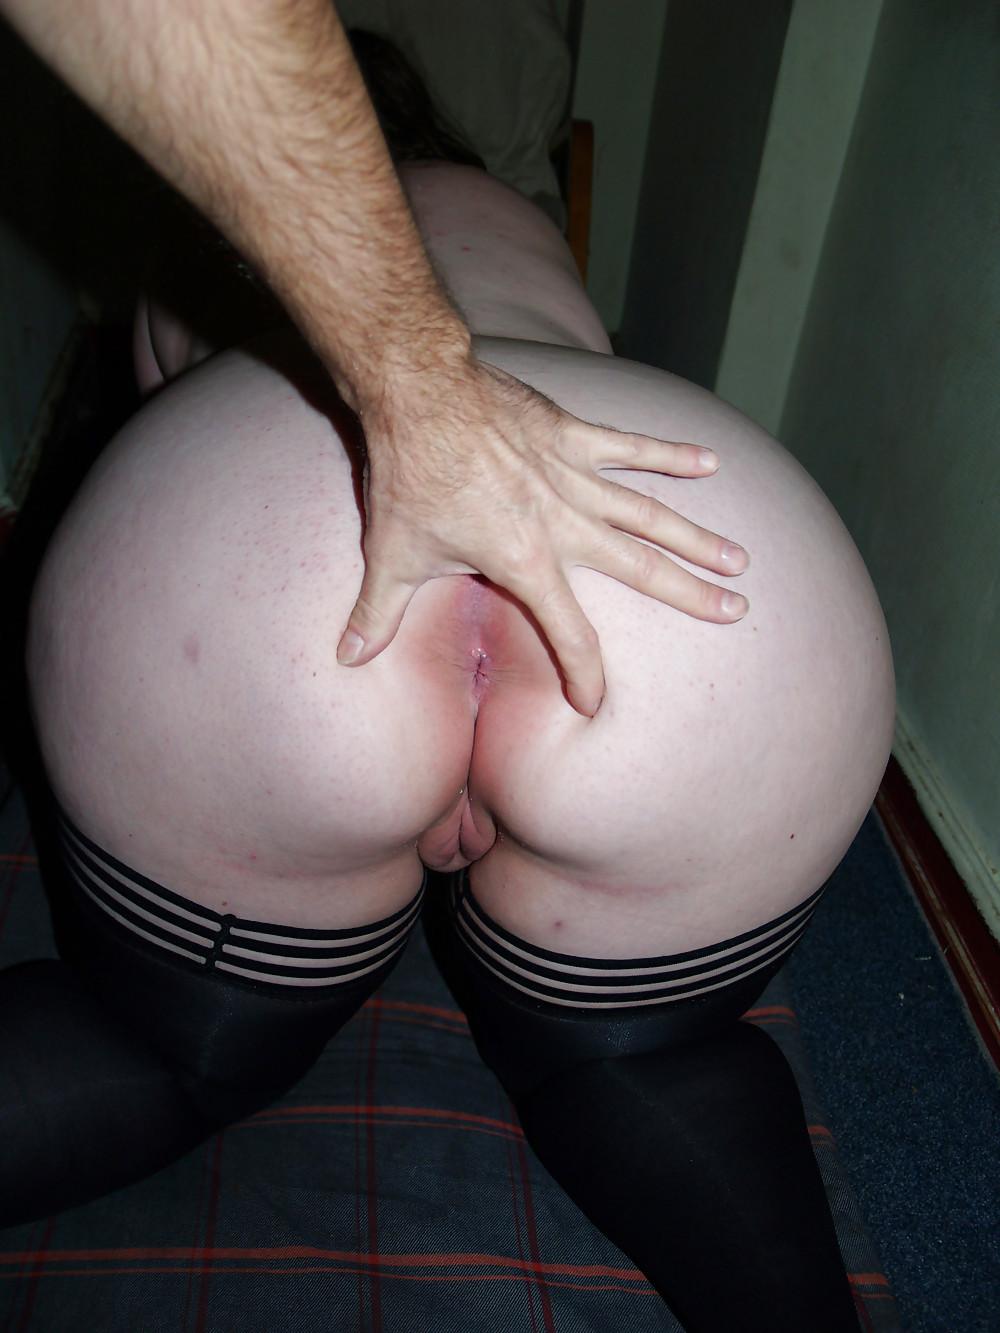 Порно разработанный анал фото может